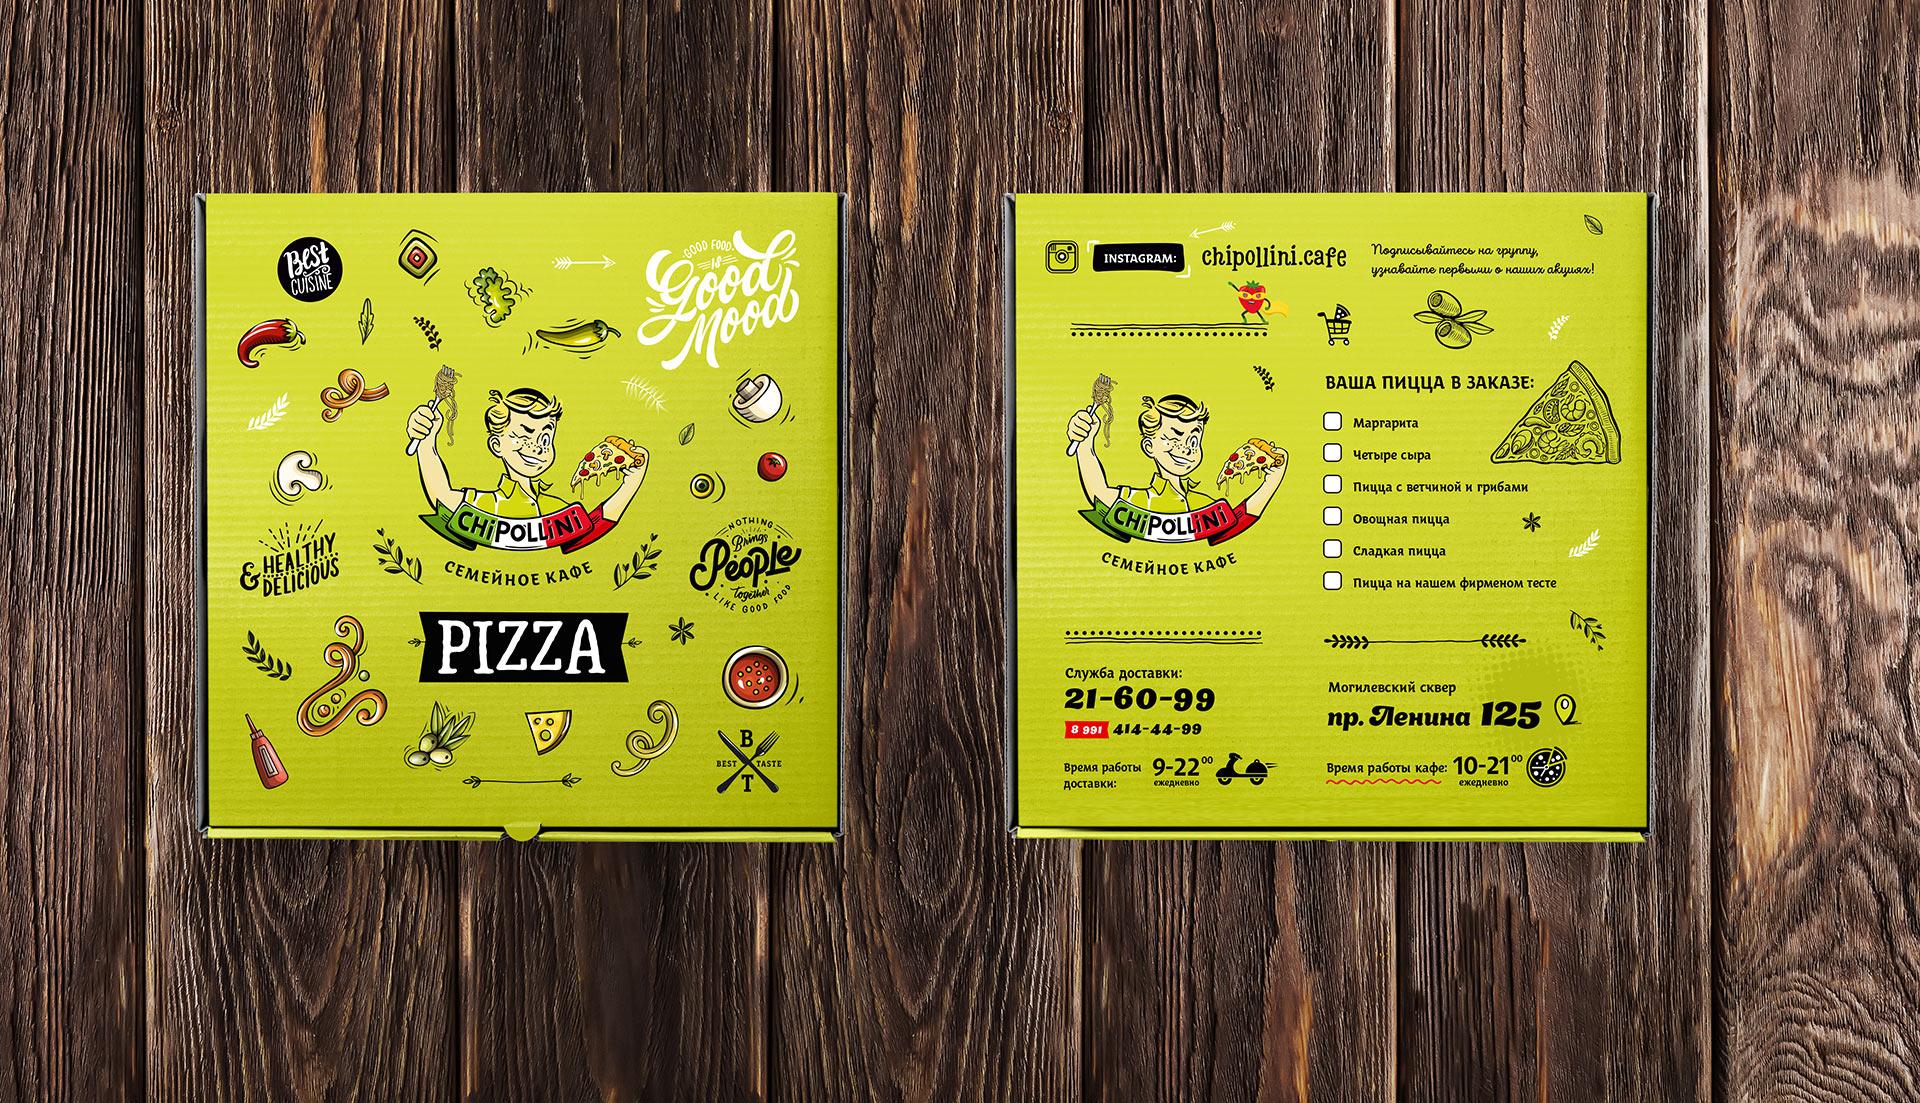 дизайн упаковки для пицци